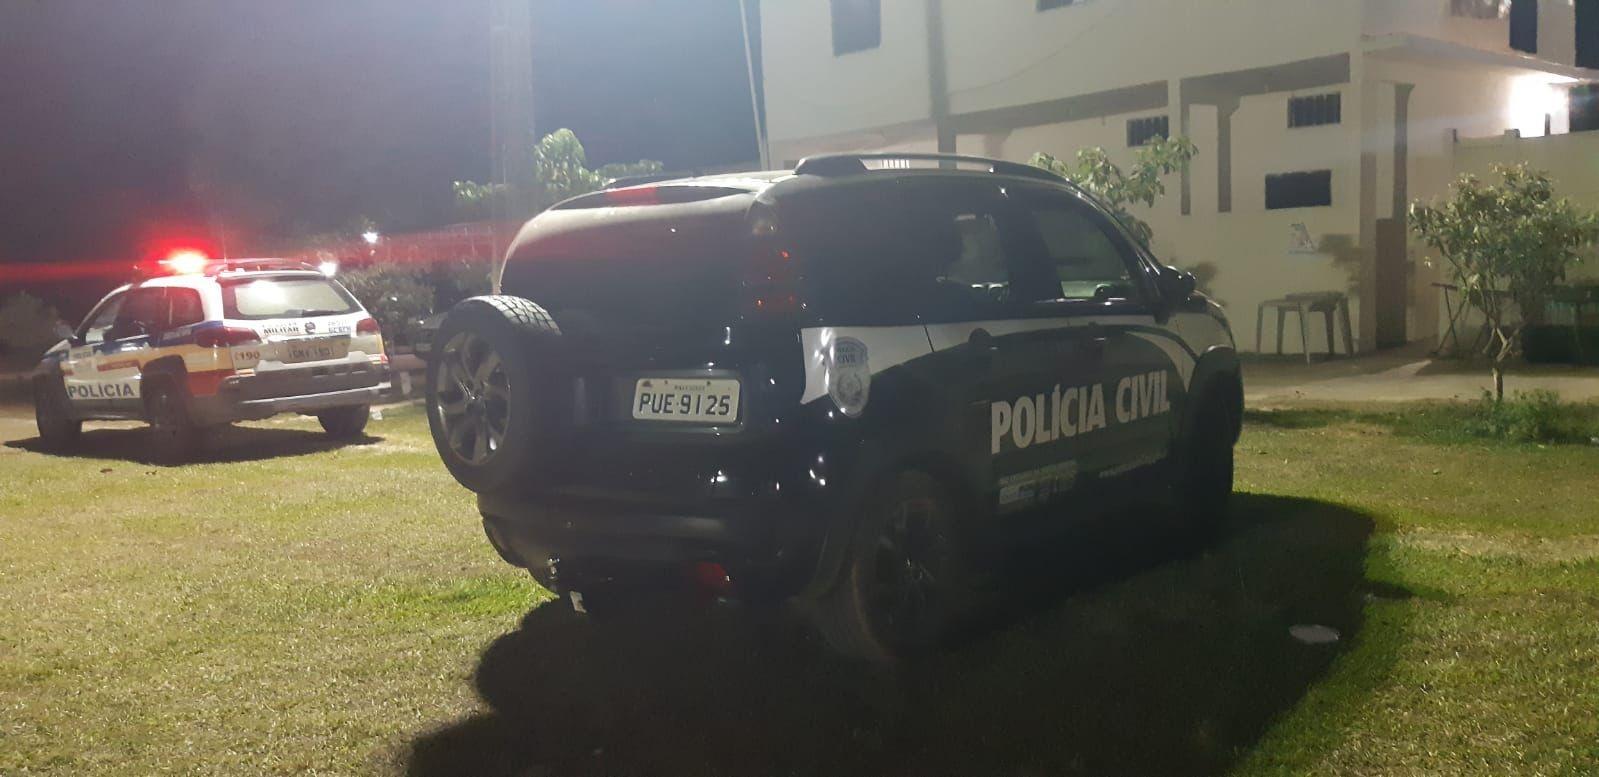 Adolescente é morto a tiros dentro de clube em Ubaporanga